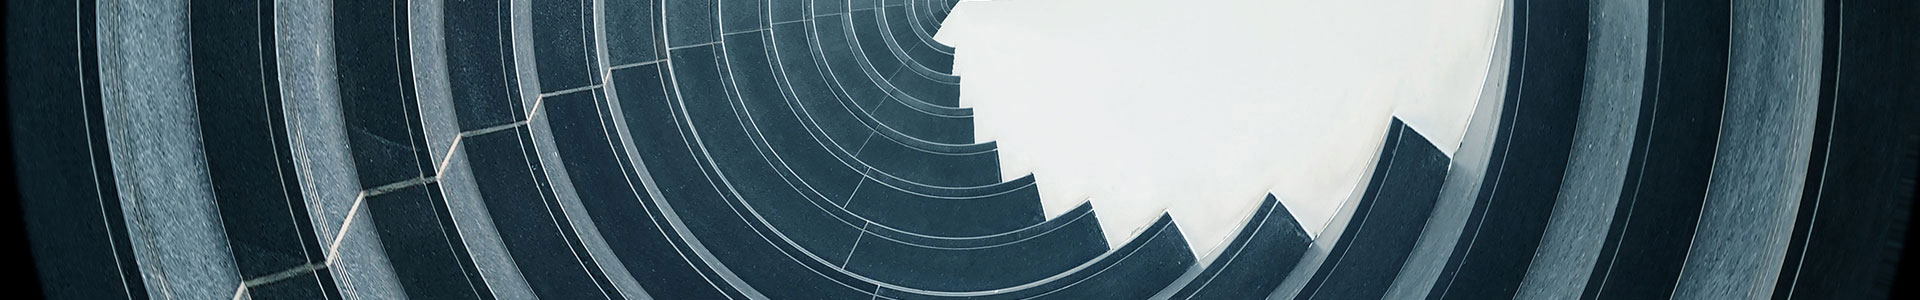 Blog de arquitectura y diseño